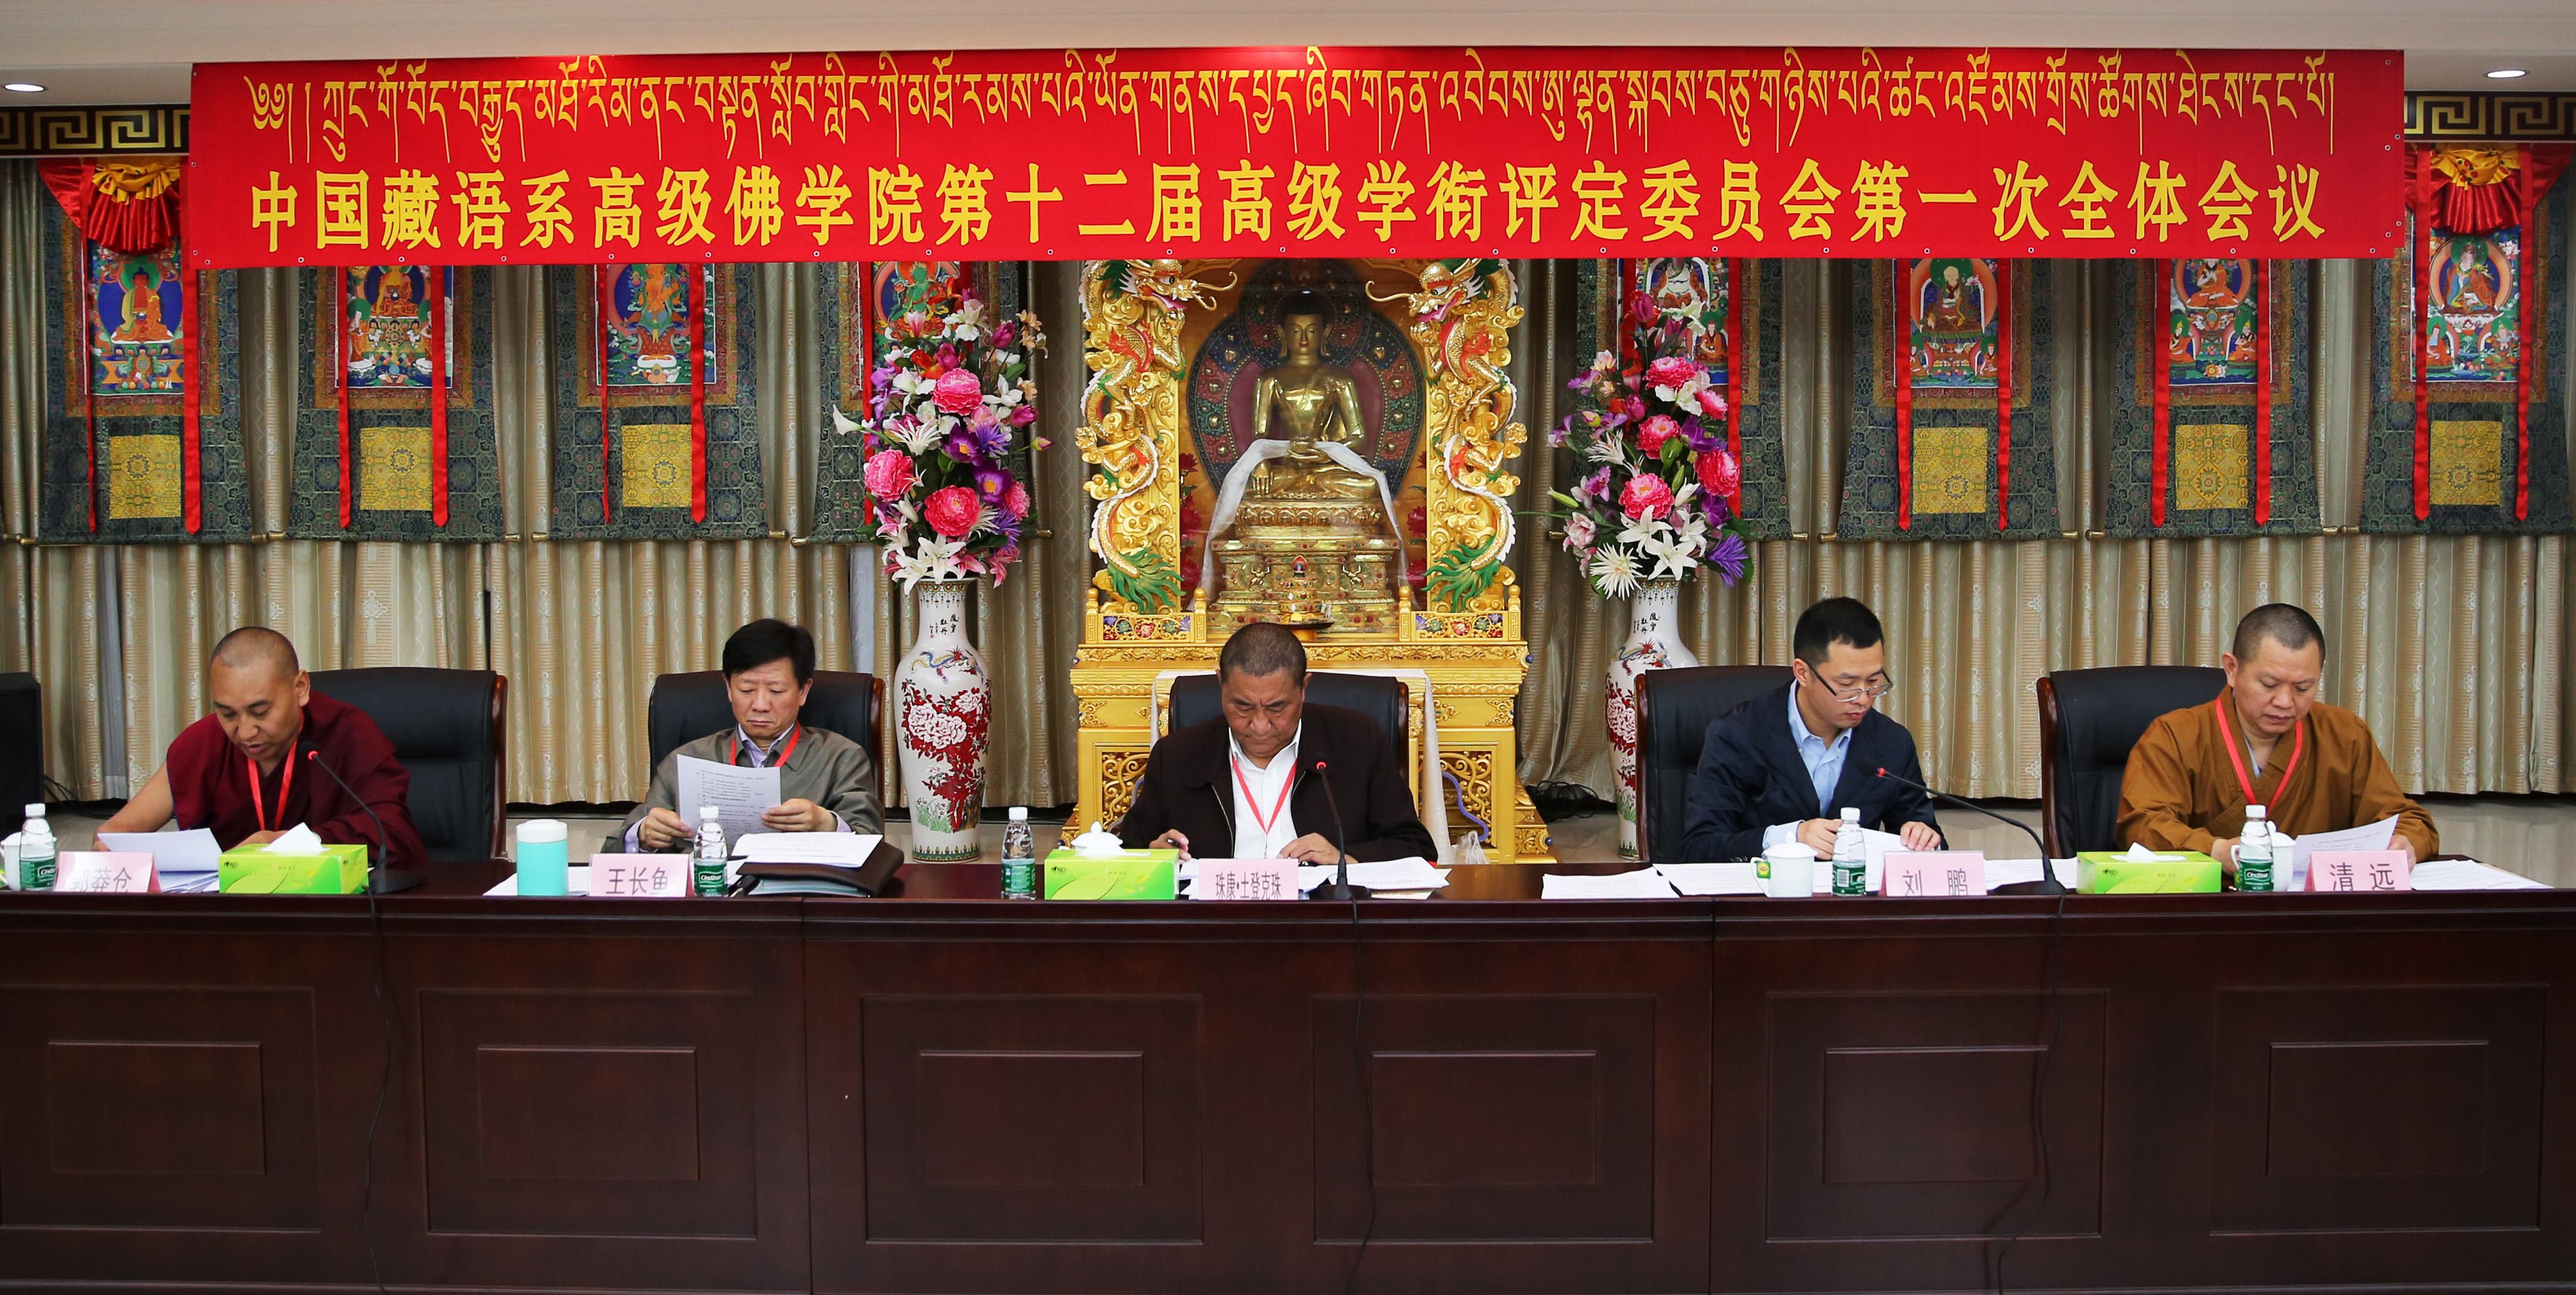 中国藏语系高级佛学院第十二届高级学衔暨第四届中级学衔授予活动在京